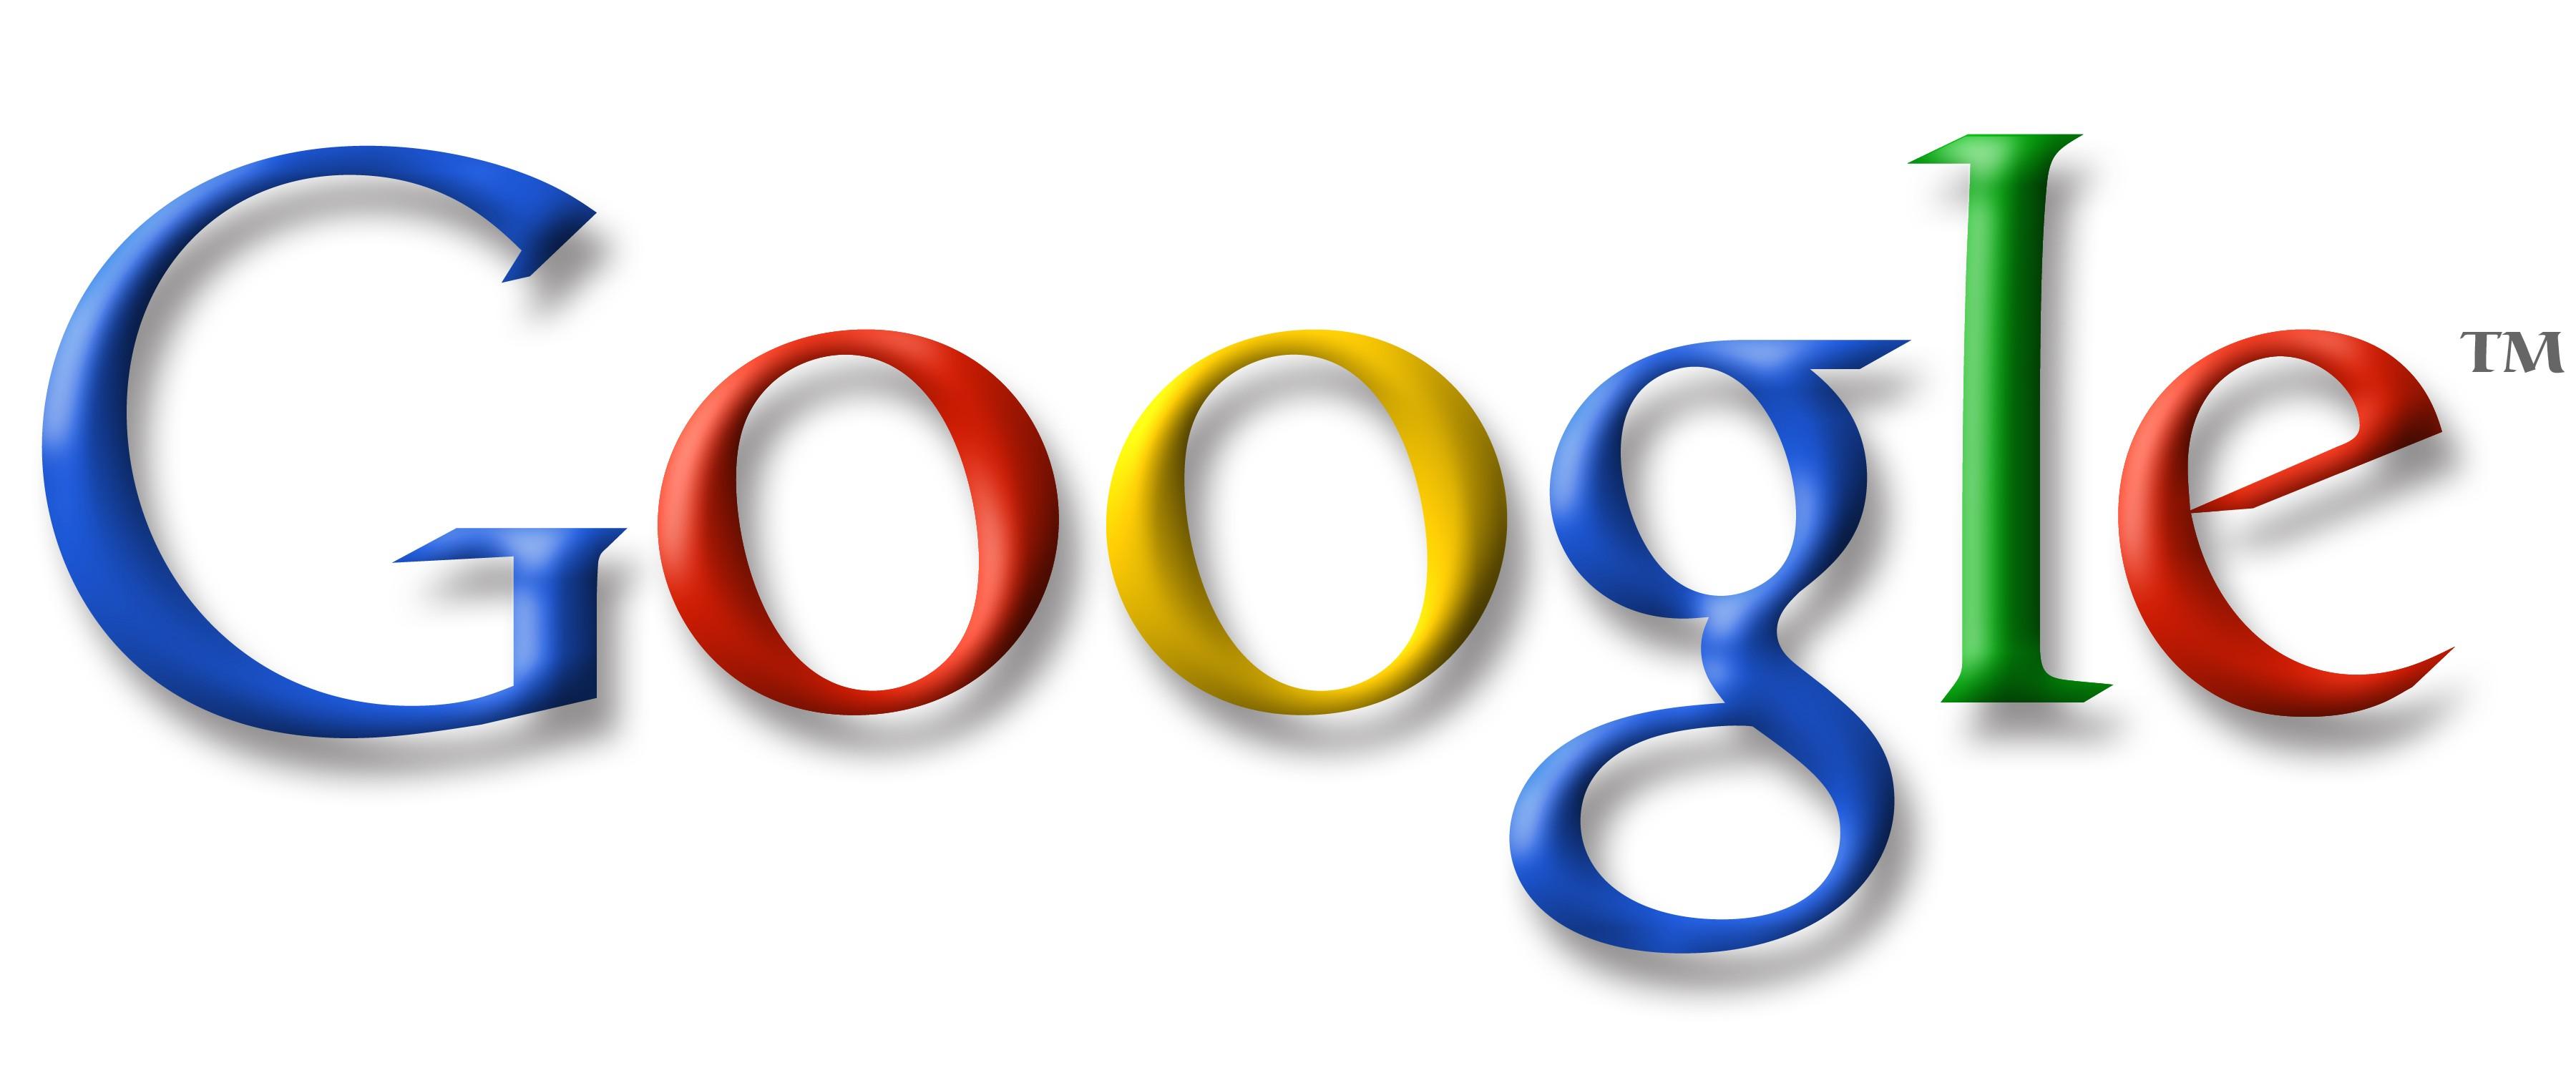 שם:  Google-logo1.jpg צפיות: 8358 גודל:  276.5 קילובייט